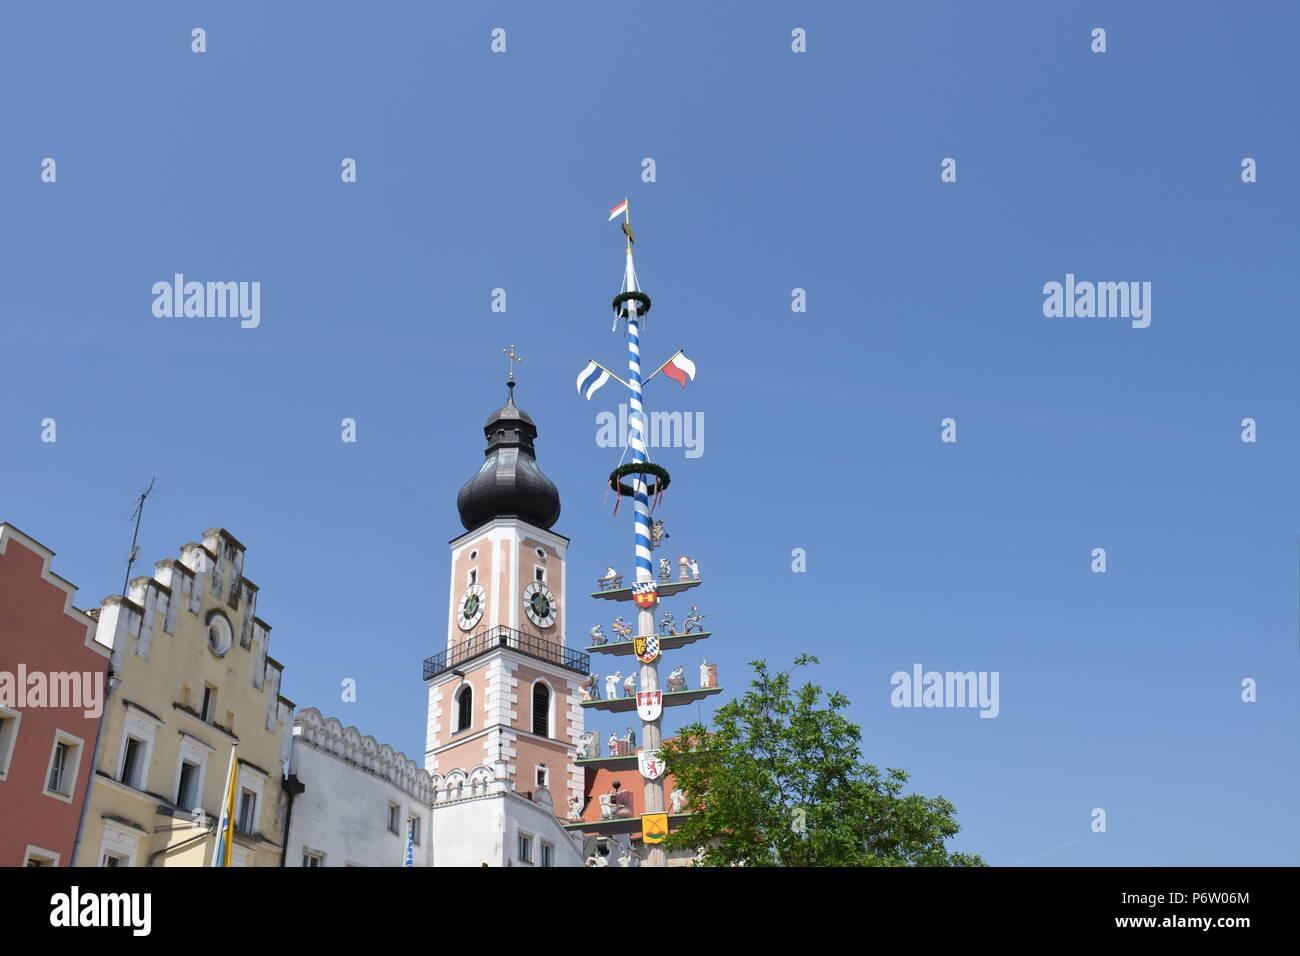 Cham in der Oberpfalz Bayern Stockbild